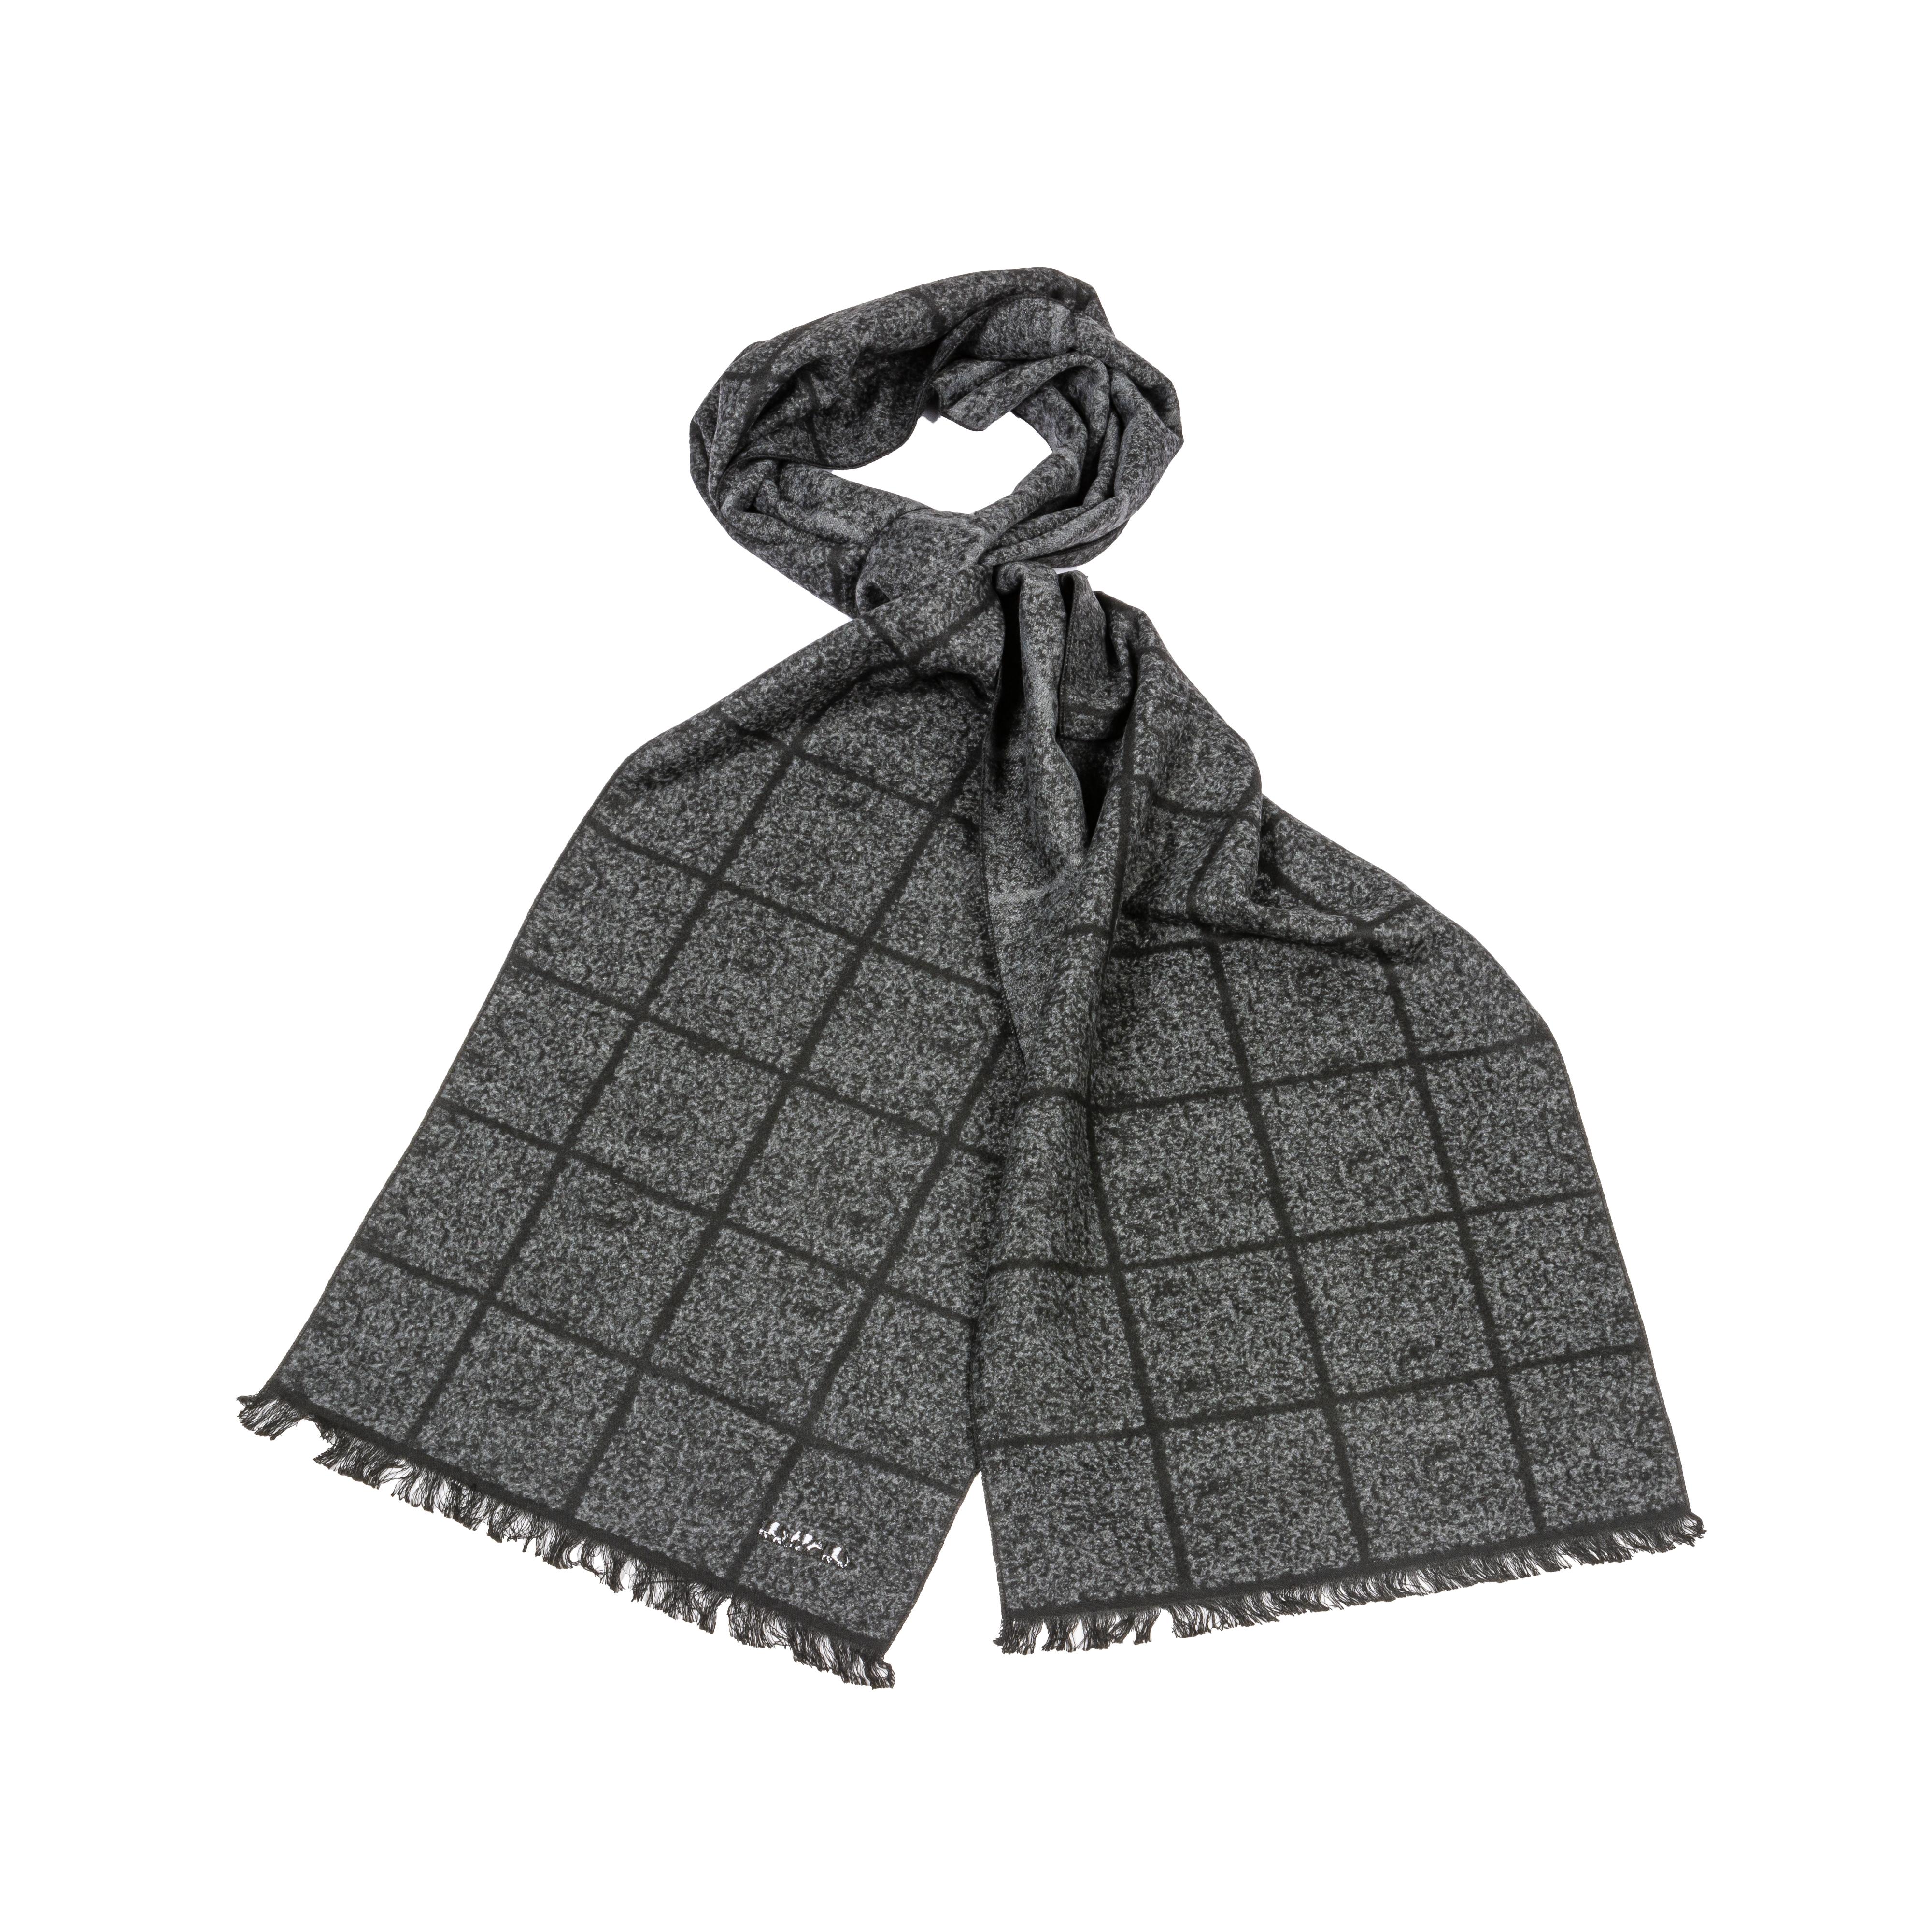 Echarpe  à carreaux gris anthracite et noir